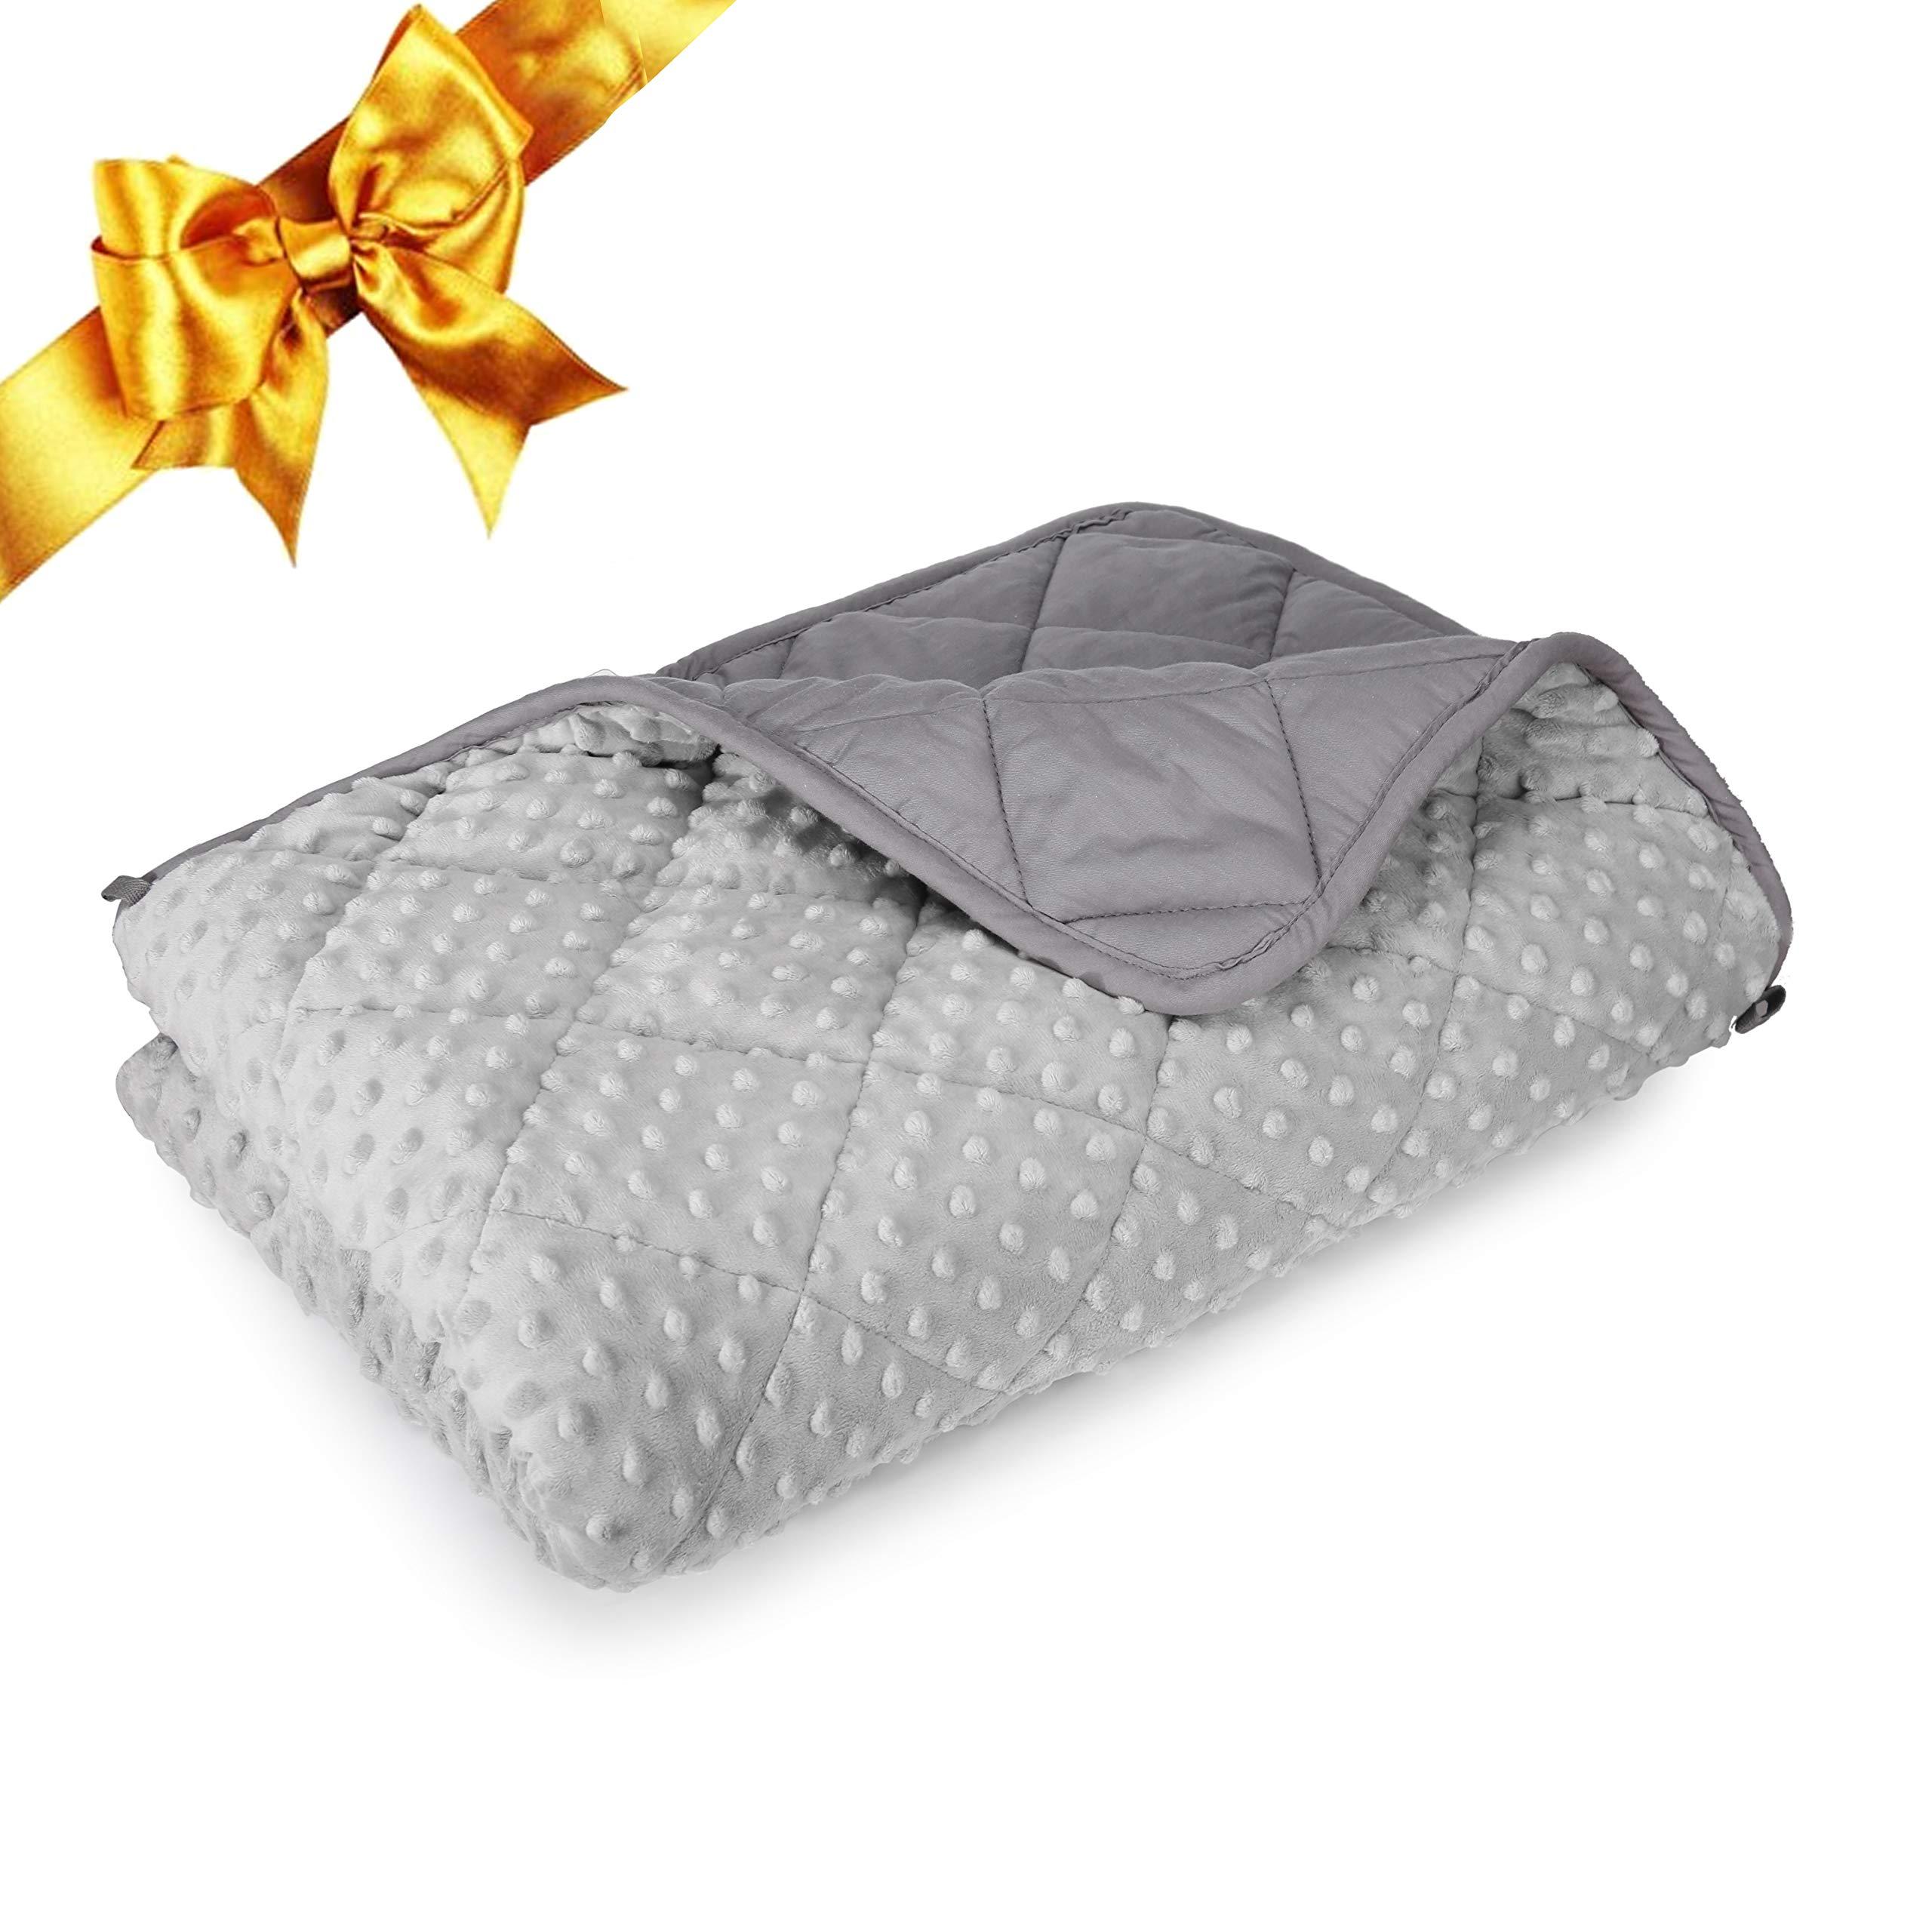 MAXTID Toddler Weighted Blanket 2lb 36''x48'' Premium Baby Heavy Blanket | One Piece Design